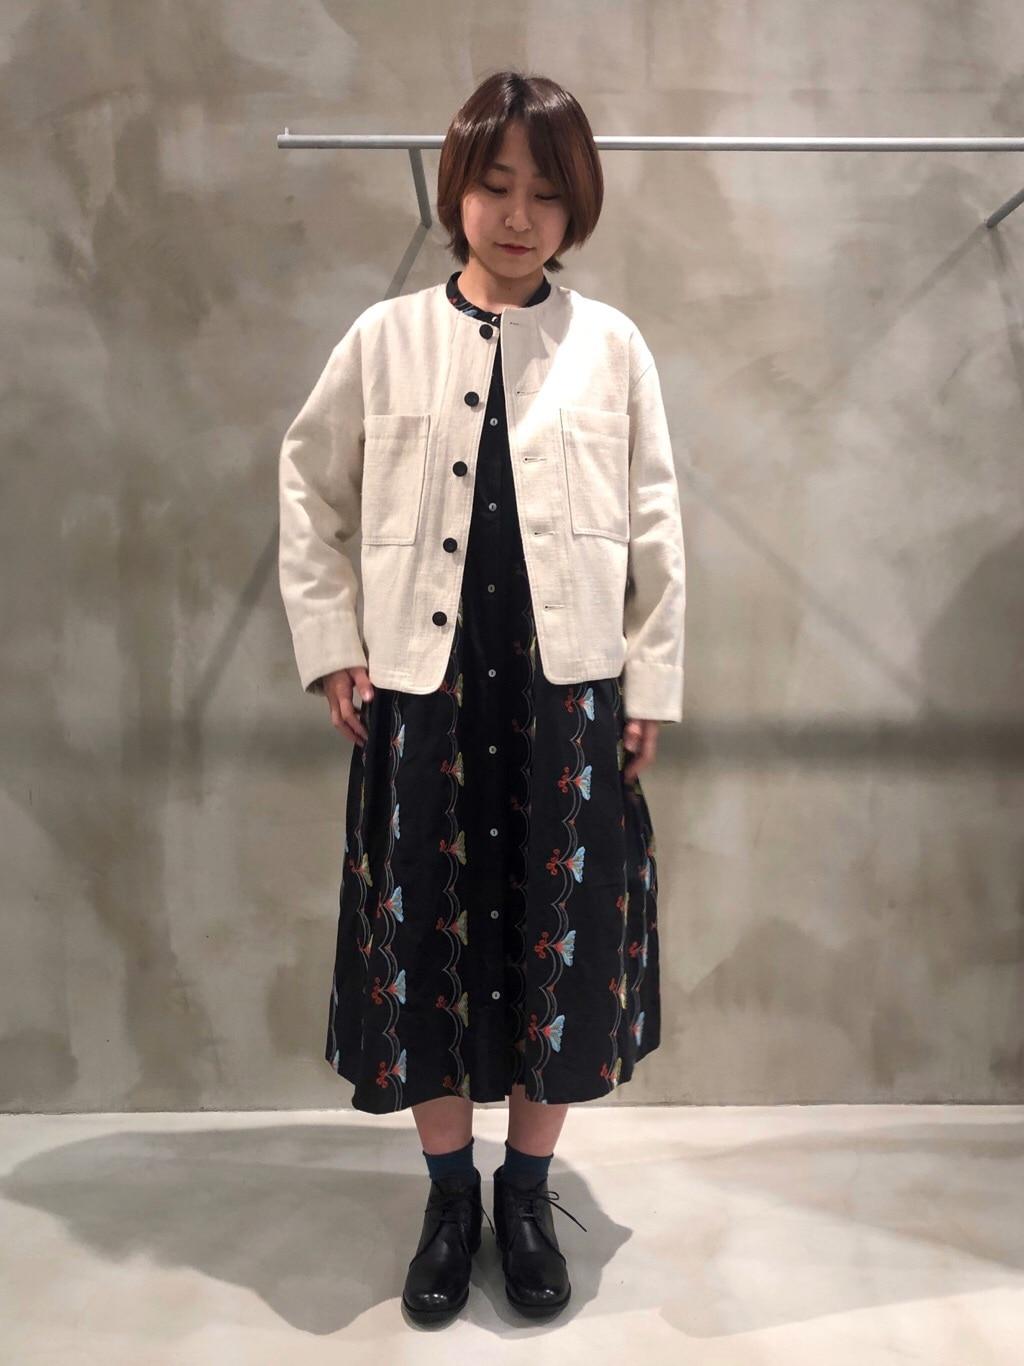 渋谷スクランブルスクエア 2020.03.13